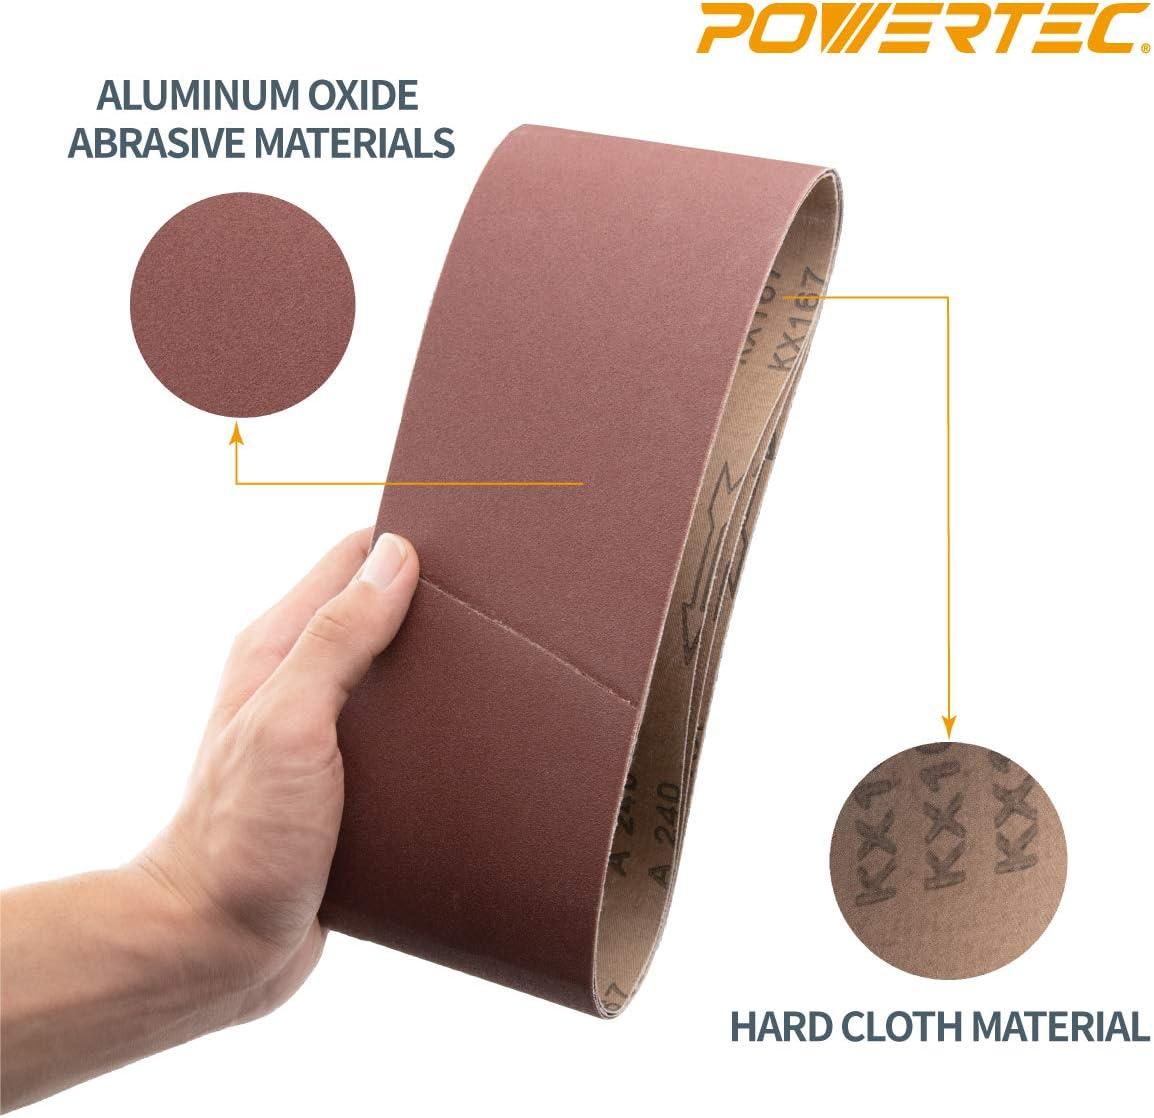 2-1//2 Width Fine Grade VSM 118824 Abrasive Belt Black 60 Length 180 Grit Pack of 10 Silicon Carbide Cloth Backing